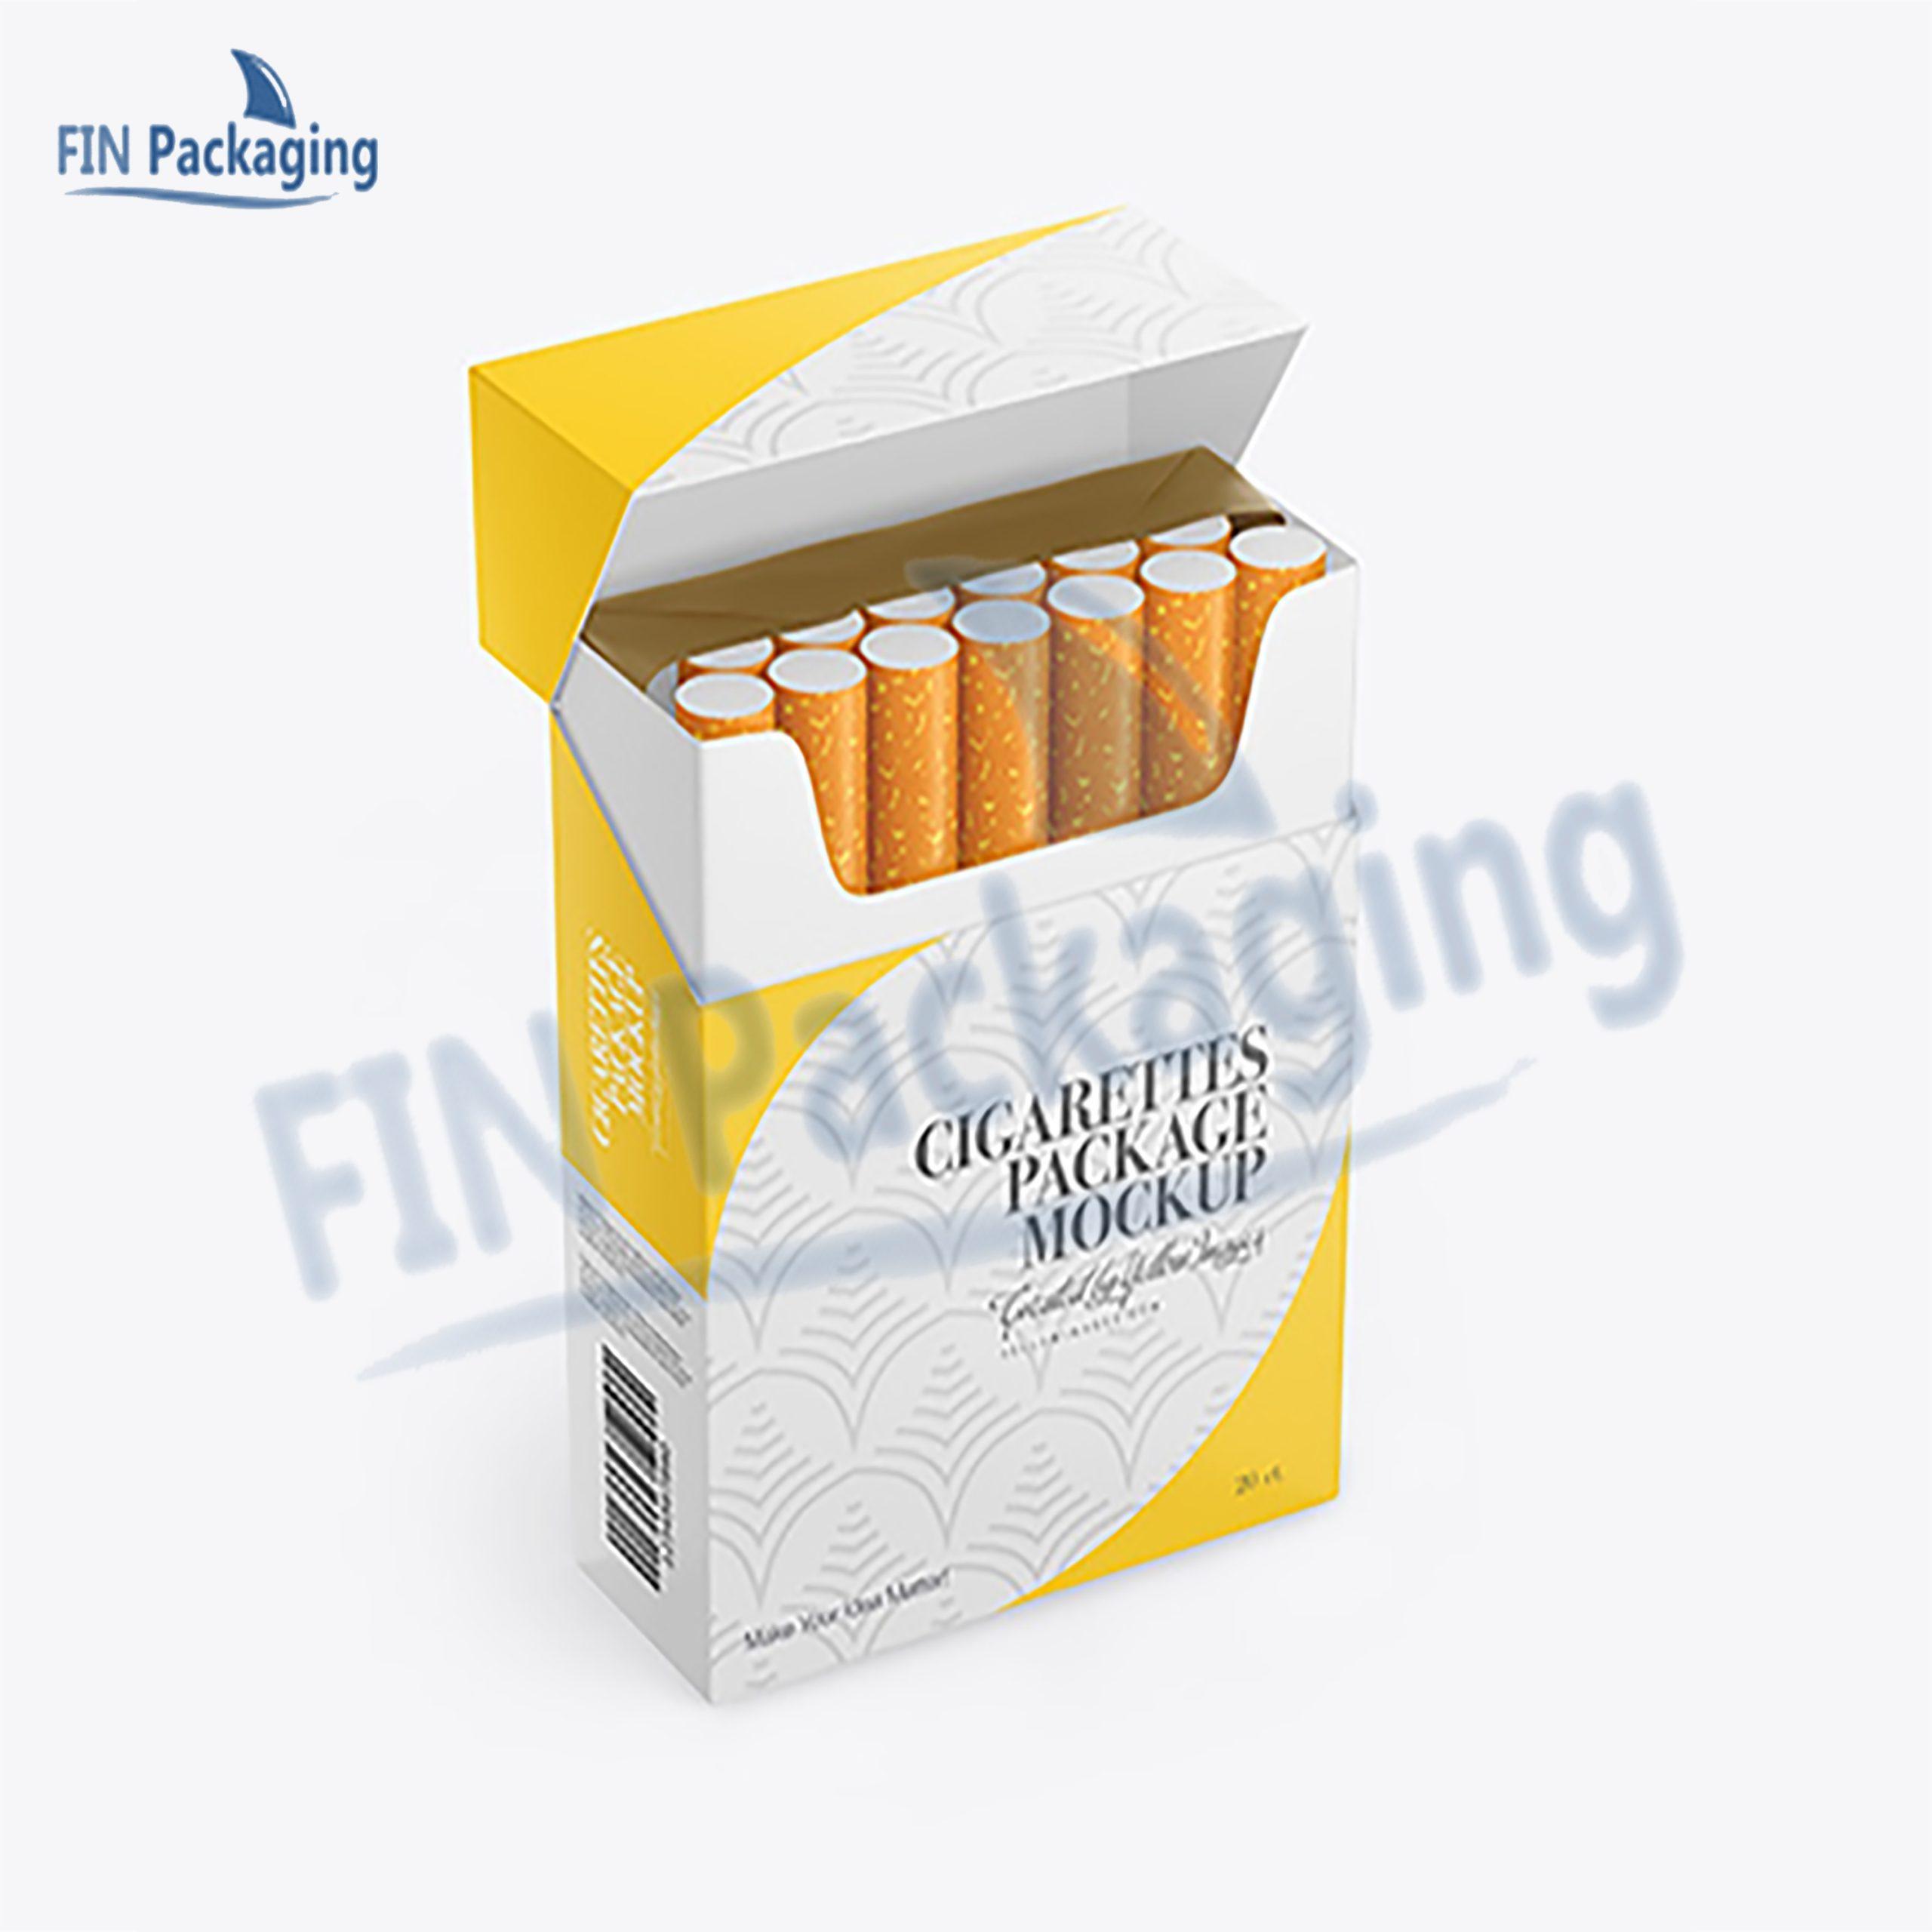 Cigar Packaging | custom printed cigar packaging in styles